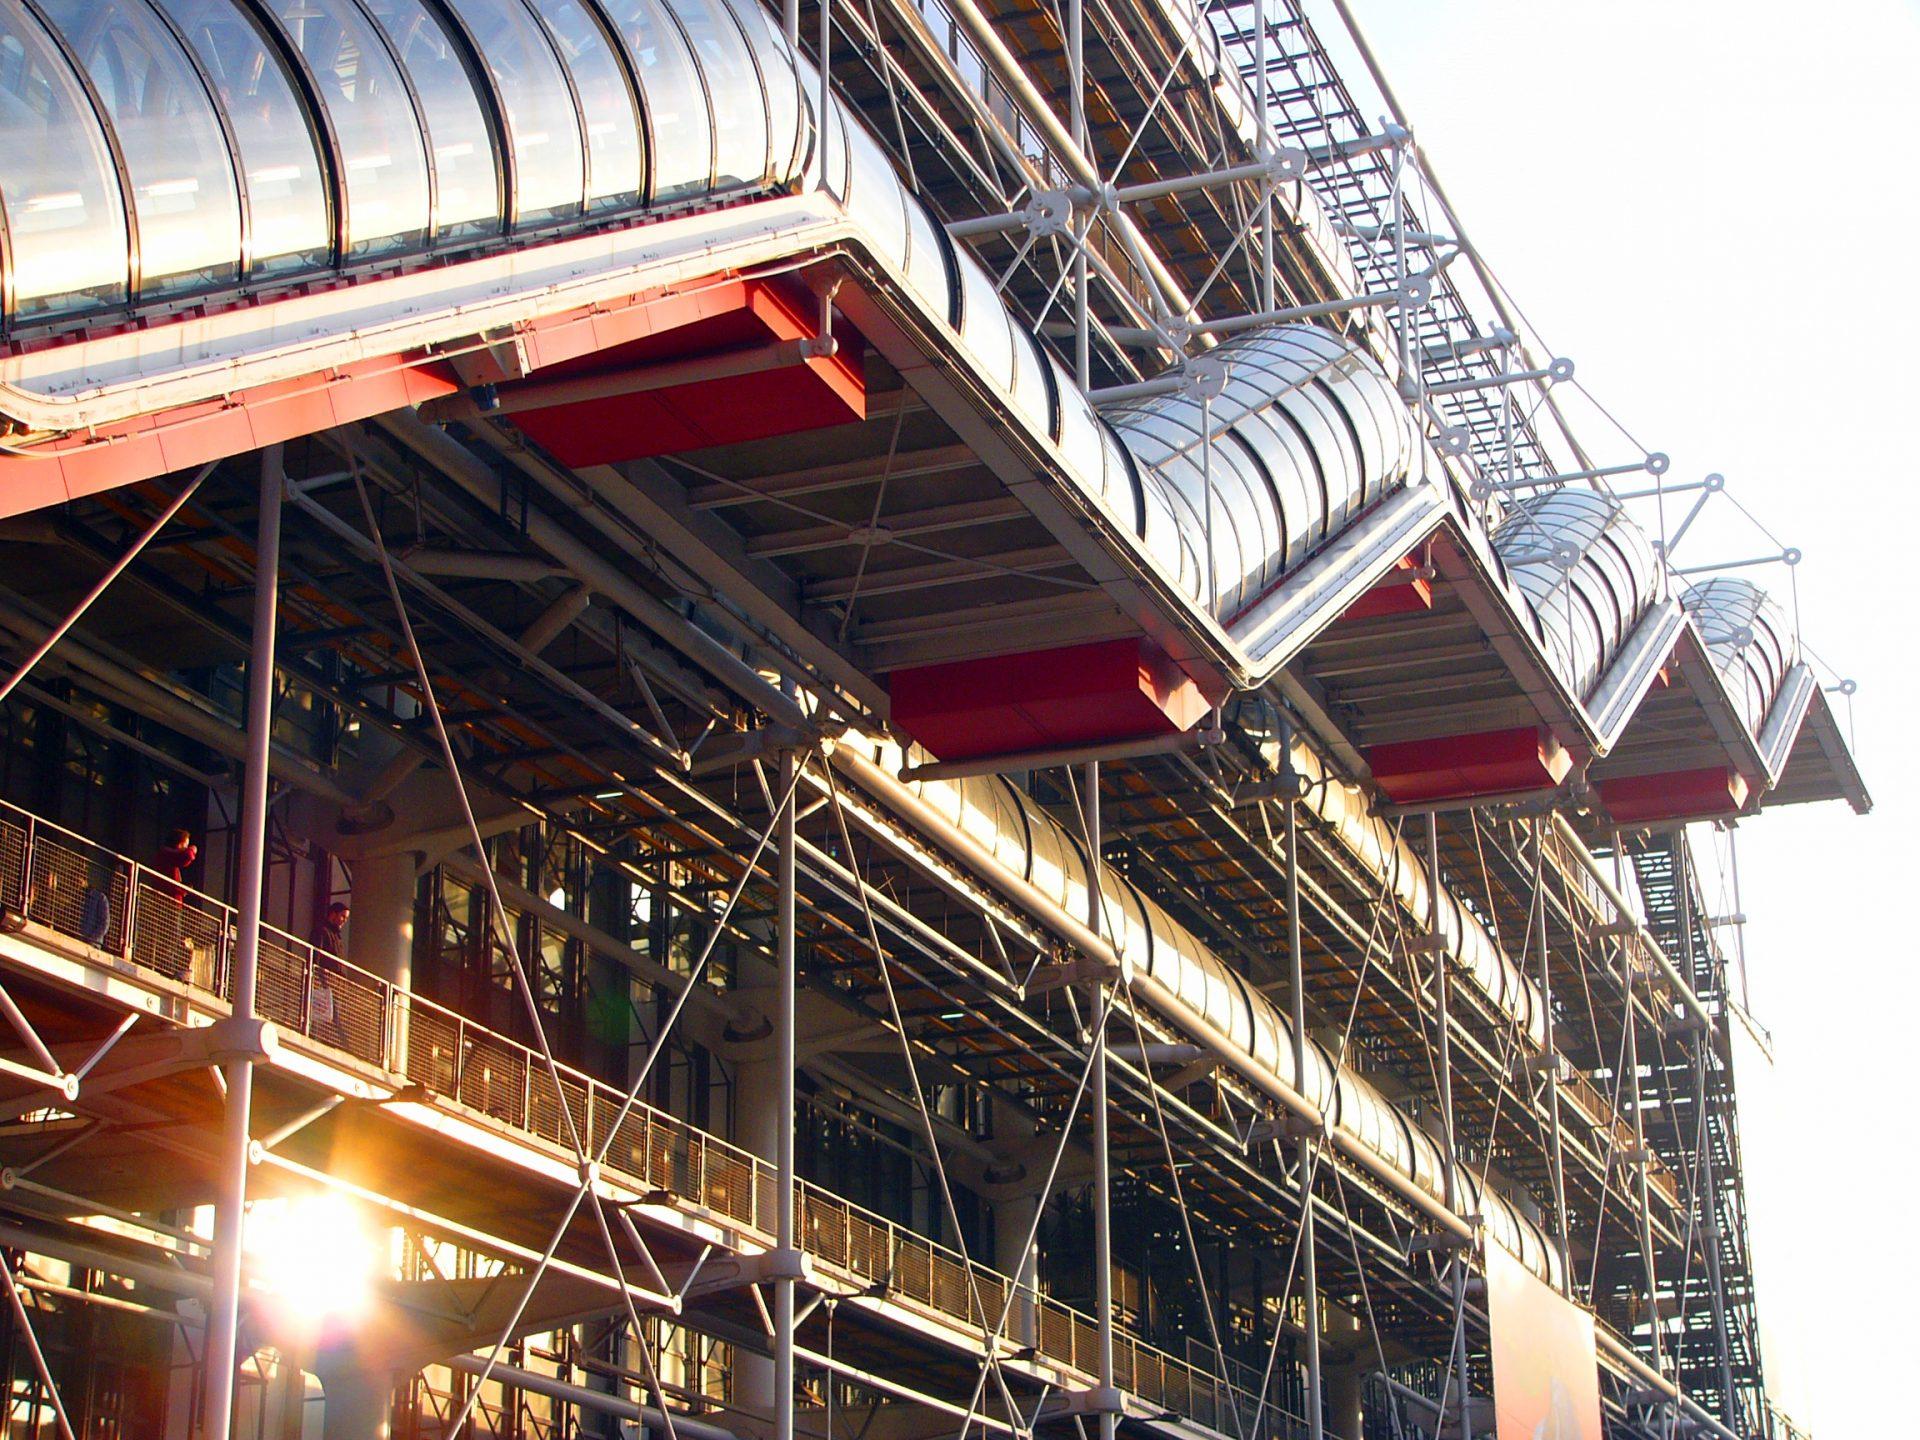 « La donnée n'est pas la pensée » • Rencontre au Centre Pompidou • 14 décembre 2017